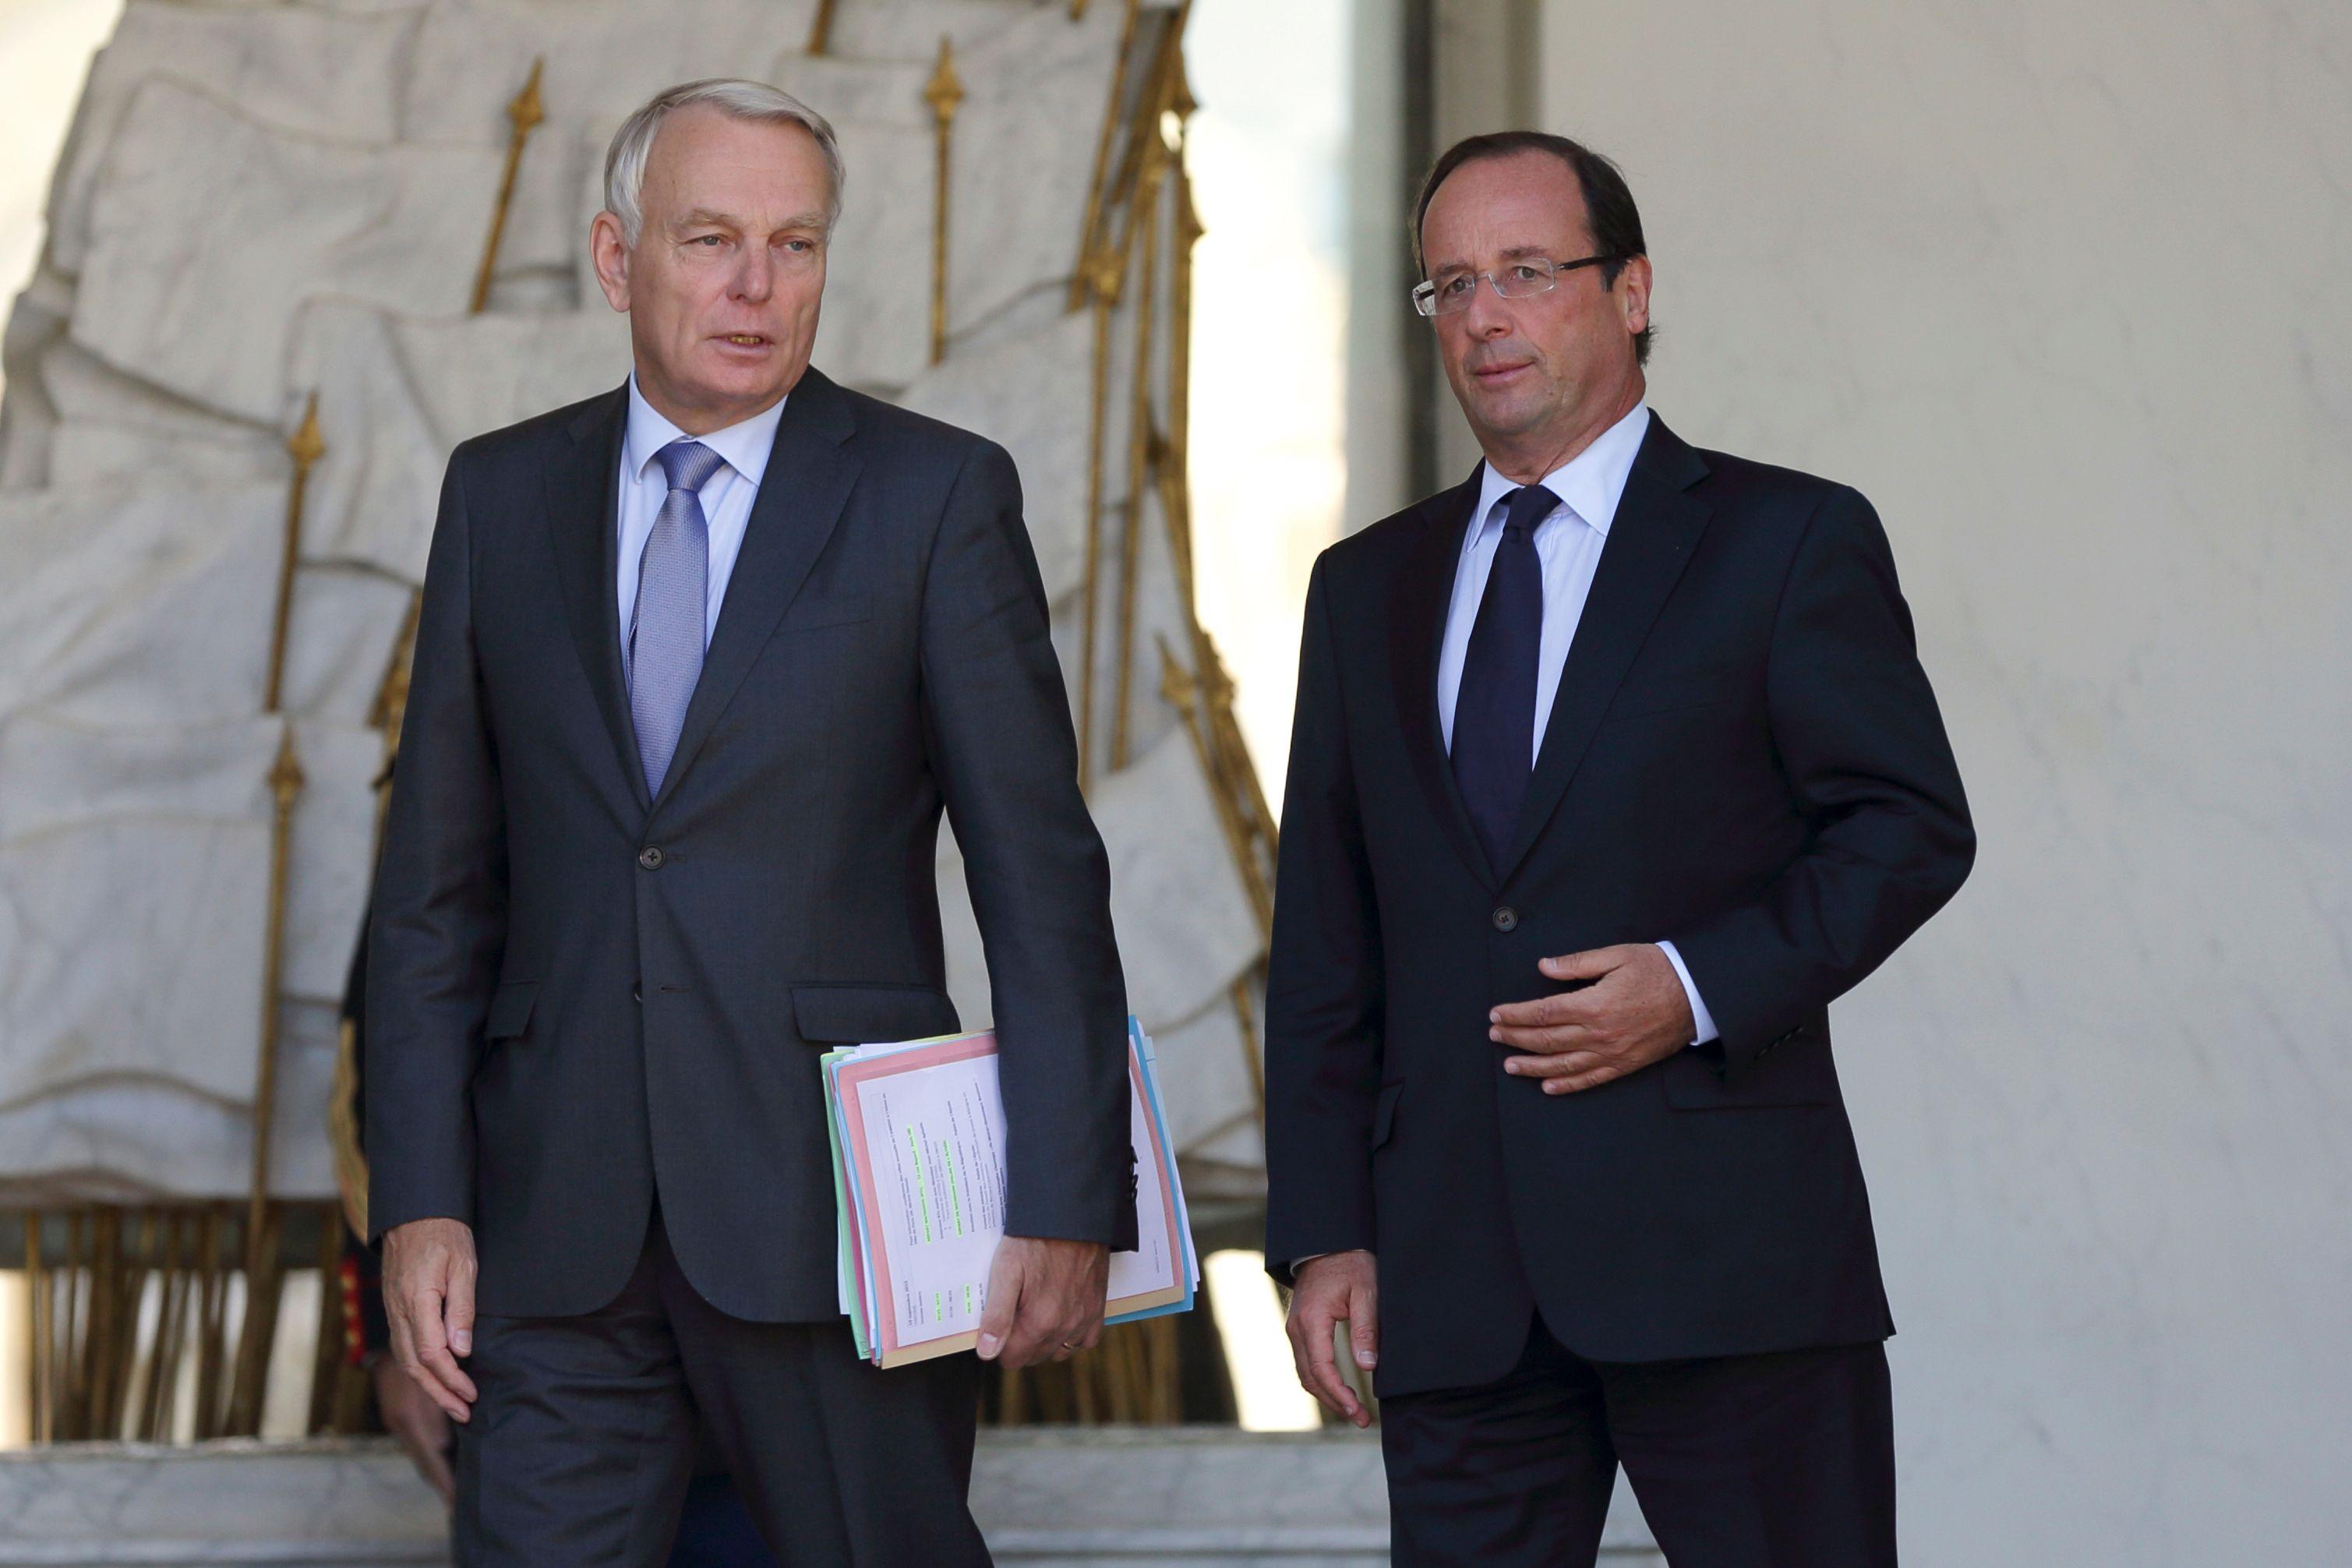 Selon un sondage Tilder/LCI/Opinionway publié ce mercredi, 76% des Français sont mécontents de la politique menée par le gouvernement.